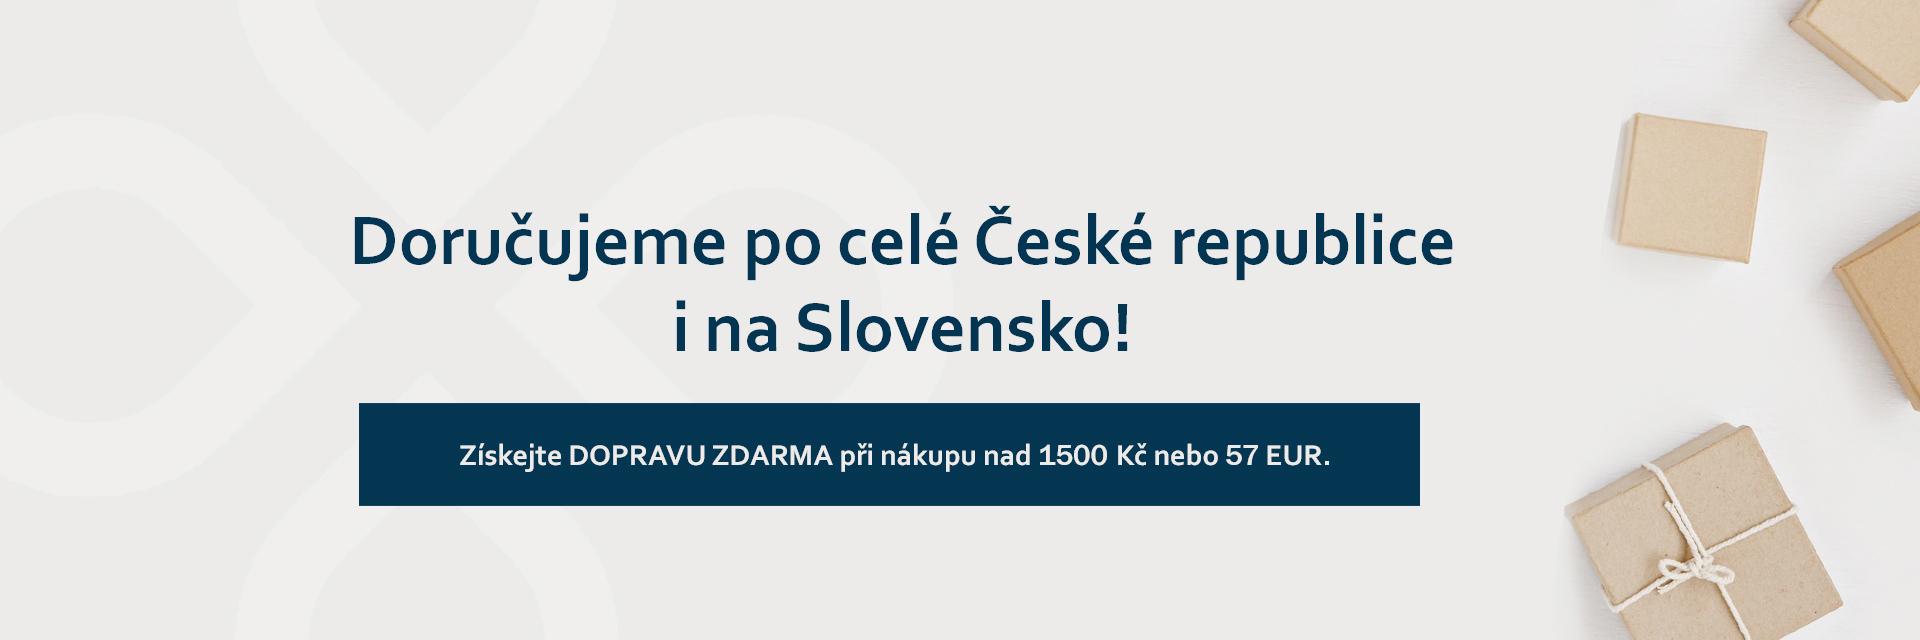 Nově doručujeme produkty i na Slovensko